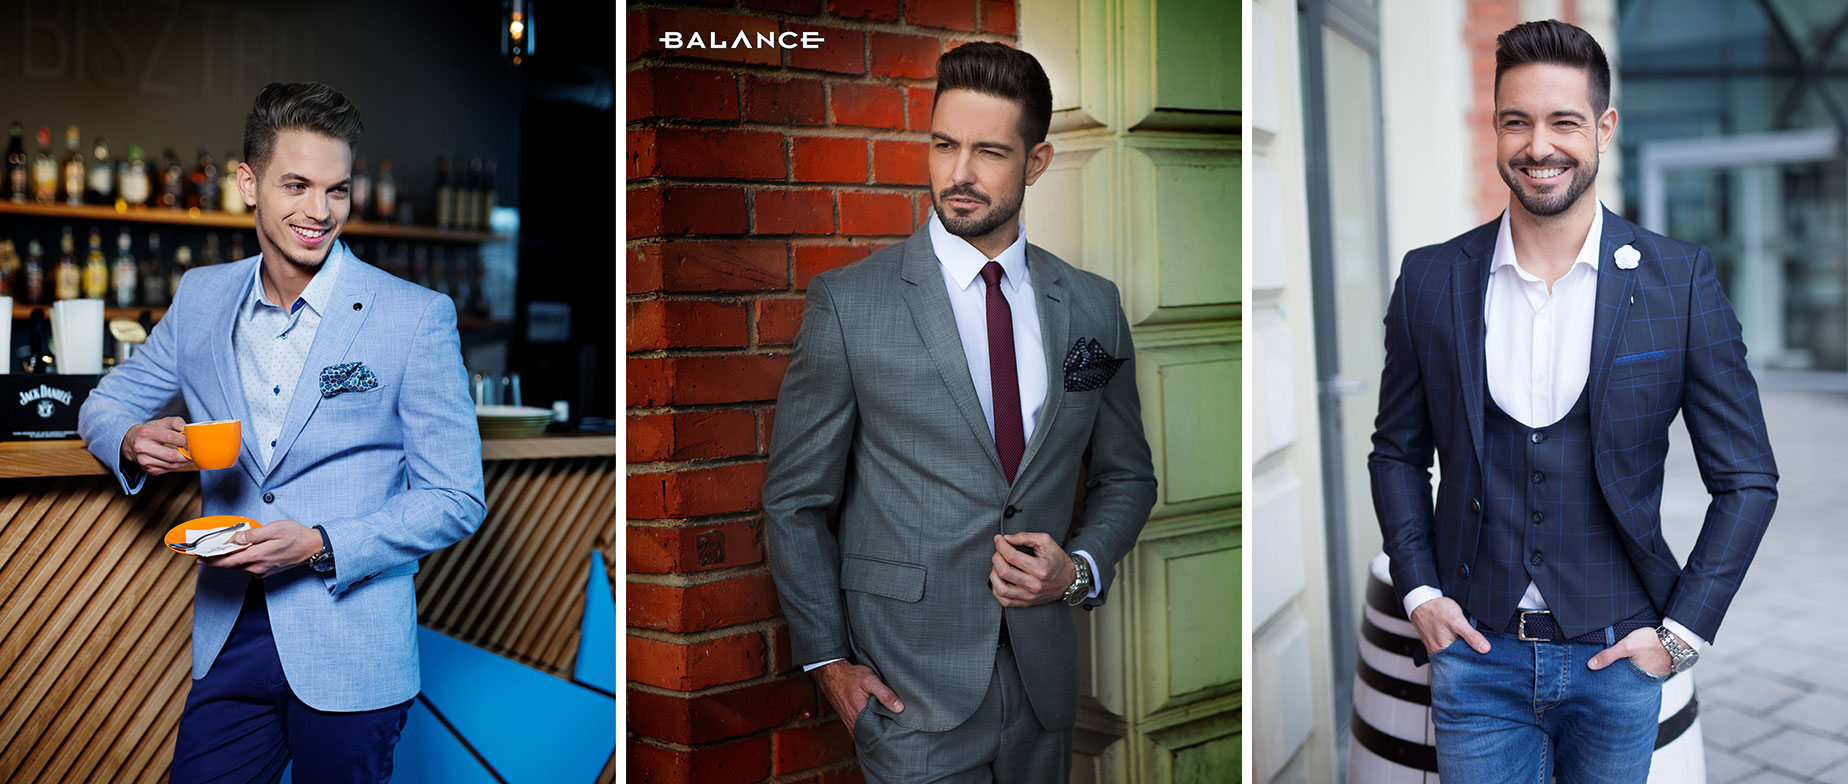 Balance férfi divatáru ajándékutalvány